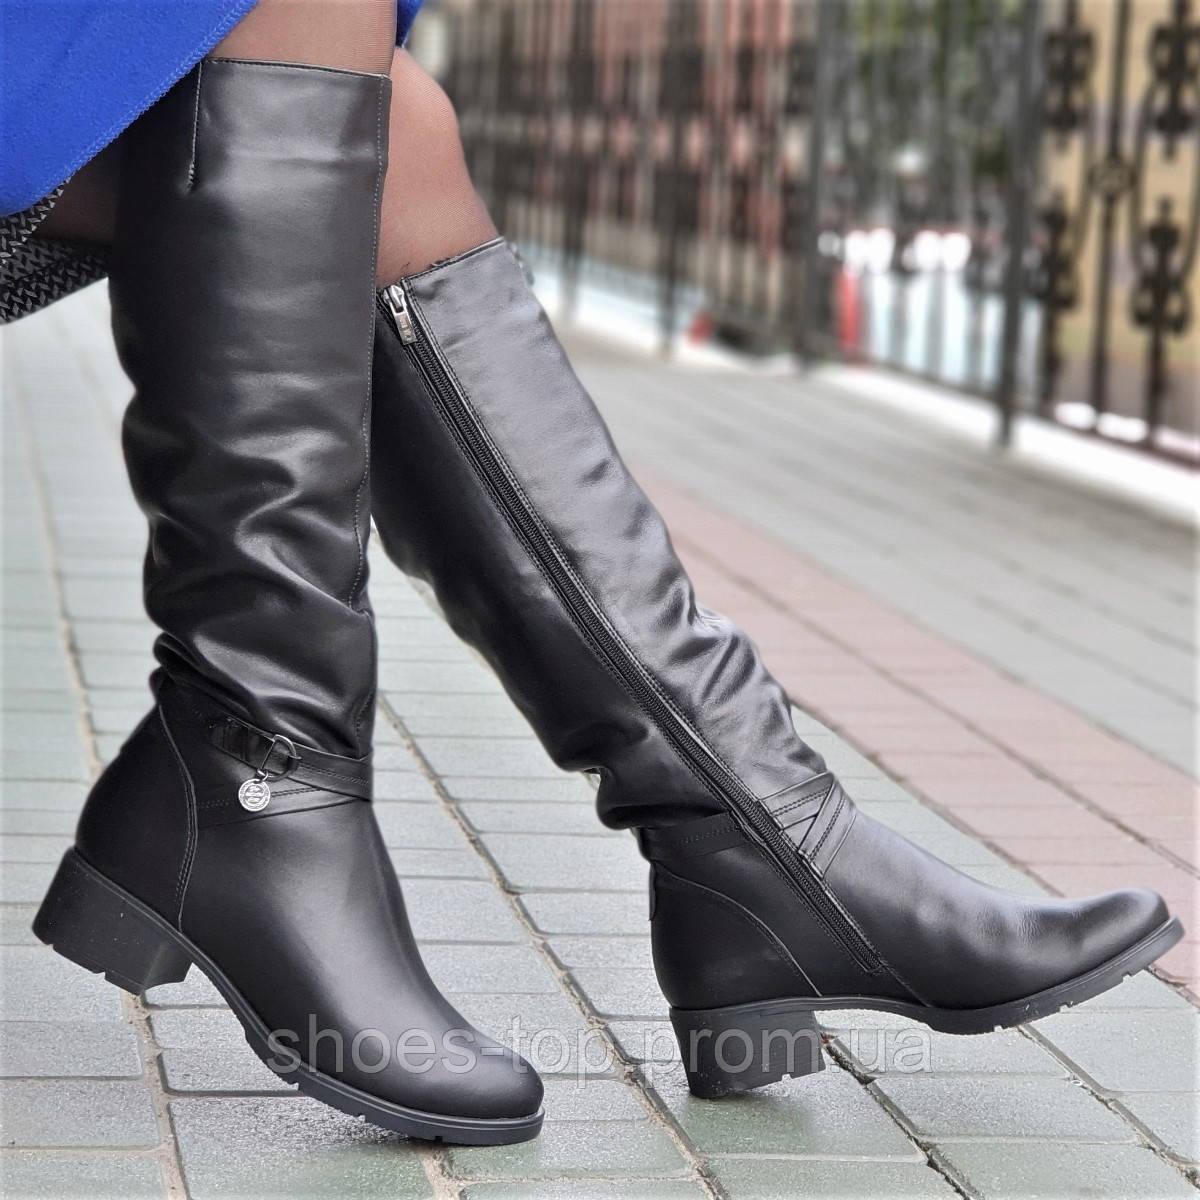 Женские зимние сапоги элегантные натуральная кожа черные полушерсть удобные  (Код  Ш1245) - Shoes 5cd6add3d1b26